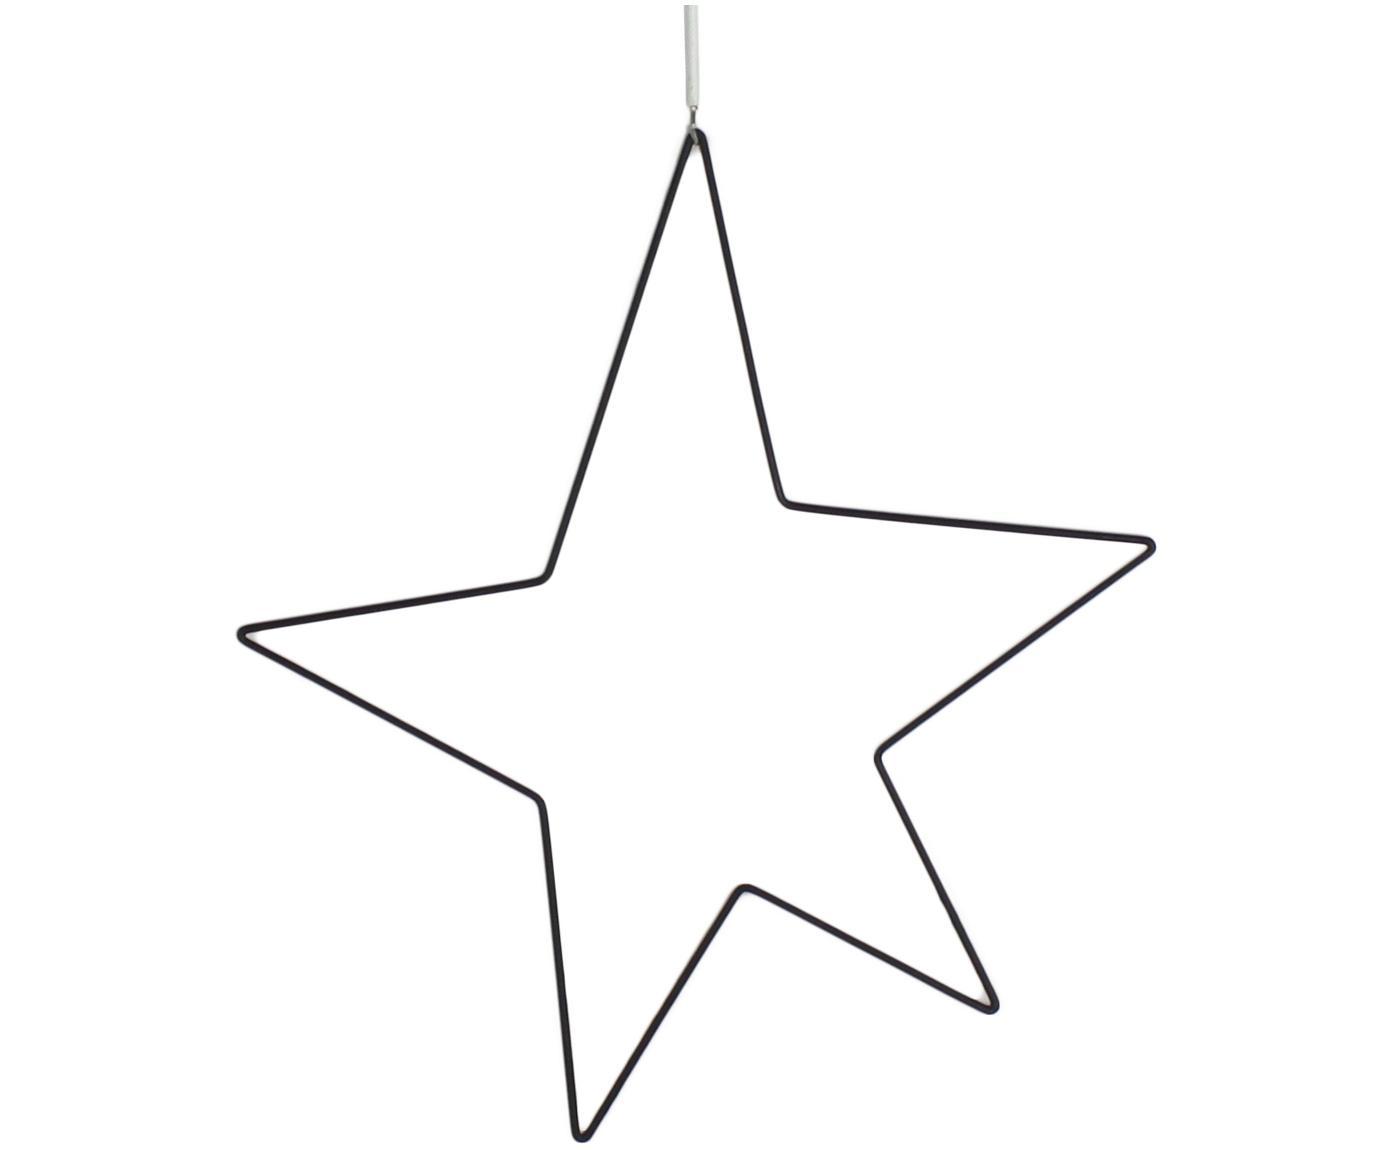 Stella decorativa in metallo Kelia, Nero, Larg. 30 x Alt. 34 cm